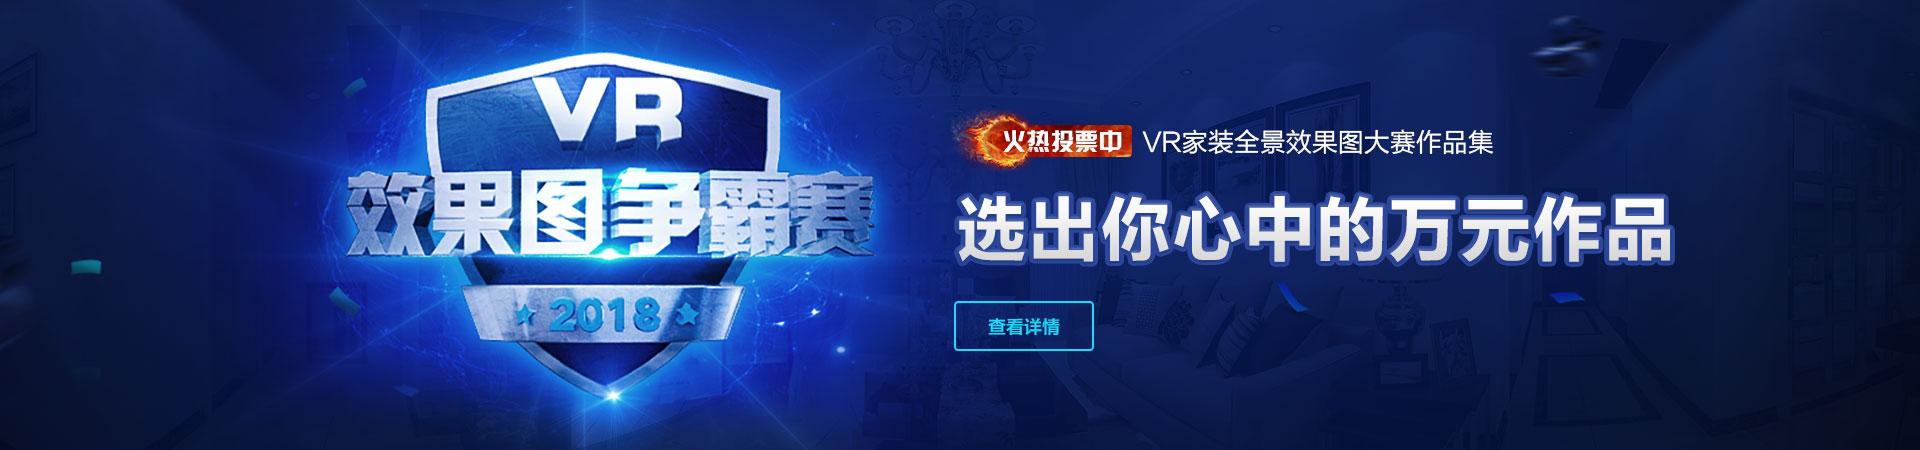 VR效果图大赛投票